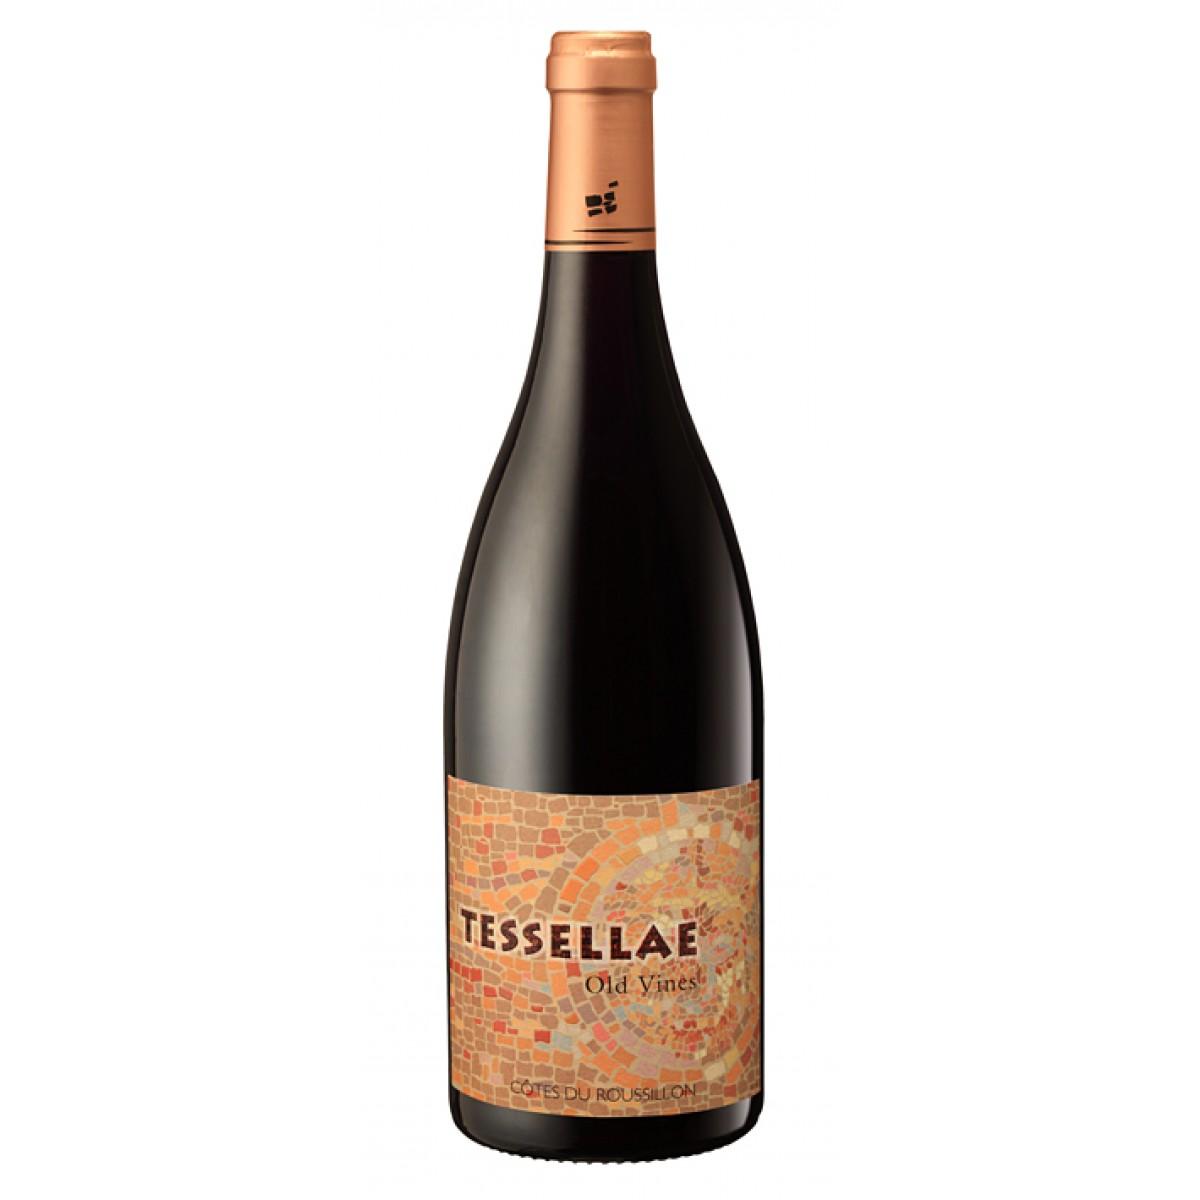 Tessellae – Old vines 2016